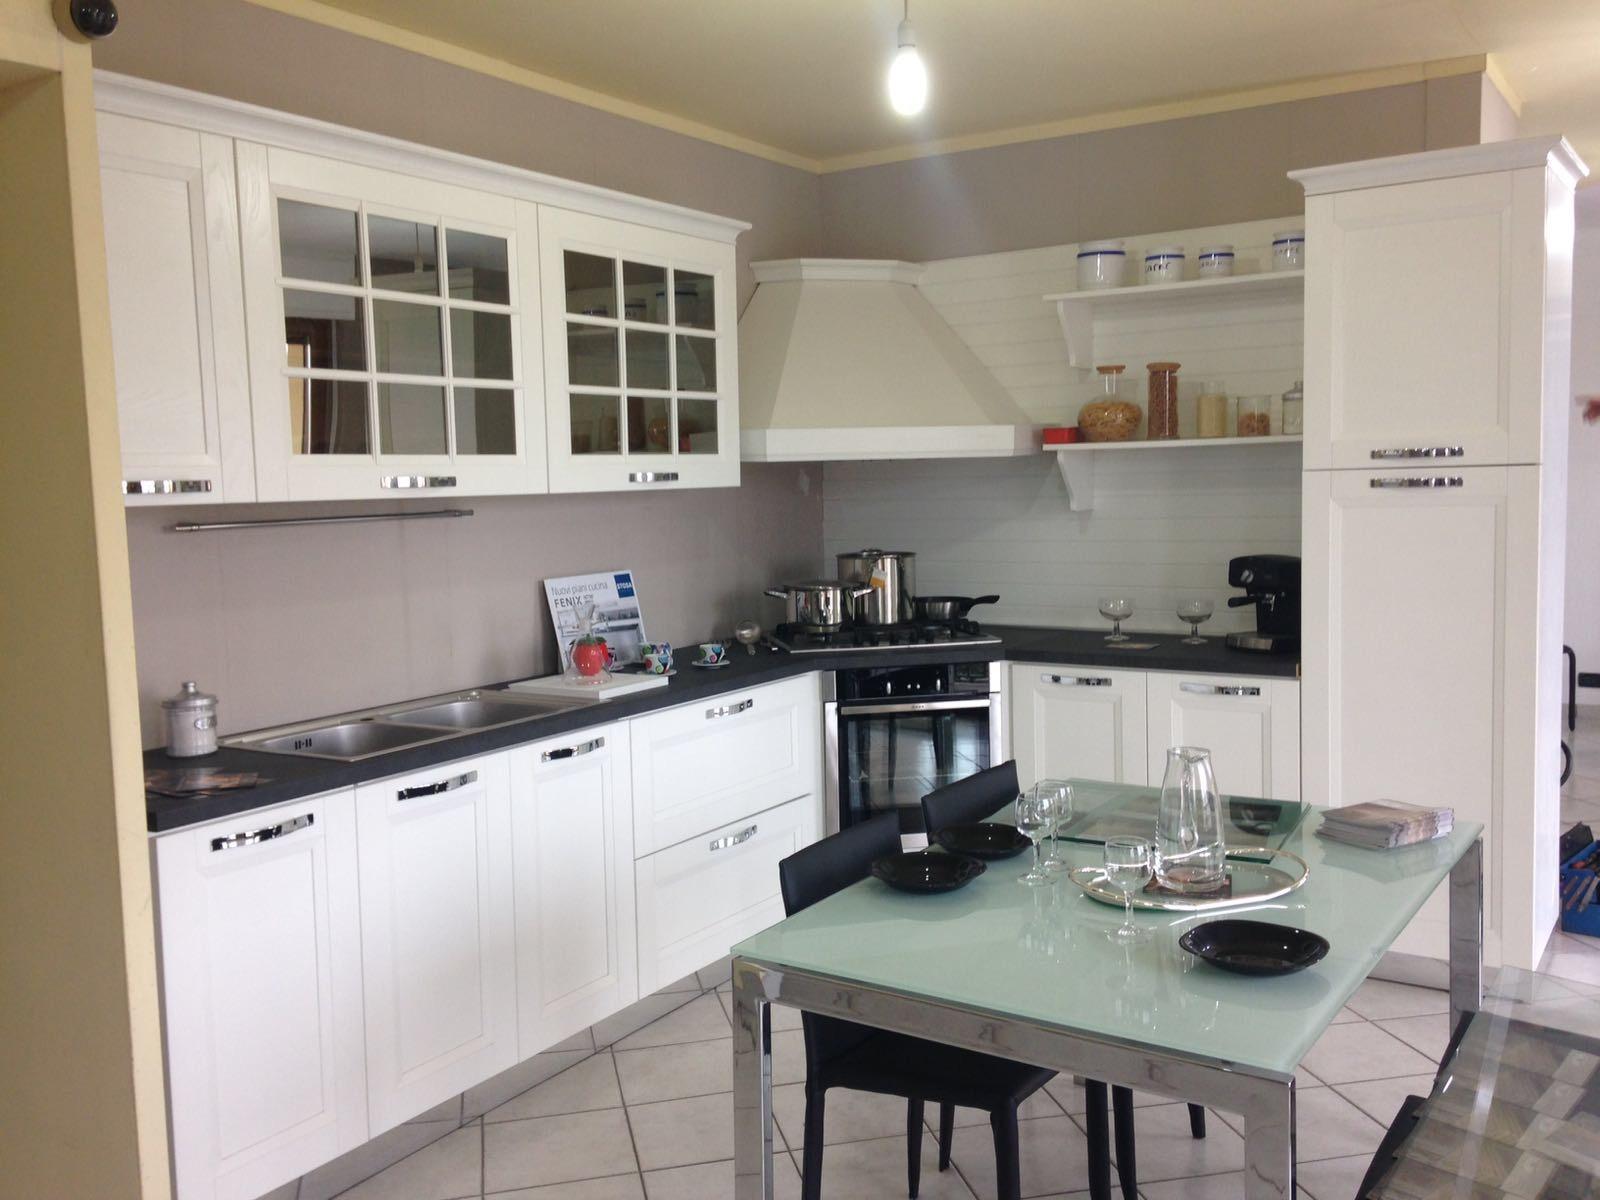 Cucina stosa cucine beverly classica legno bianca scontata del 57 cucine a prezzi scontati - Cucina beverly stosa prezzi ...